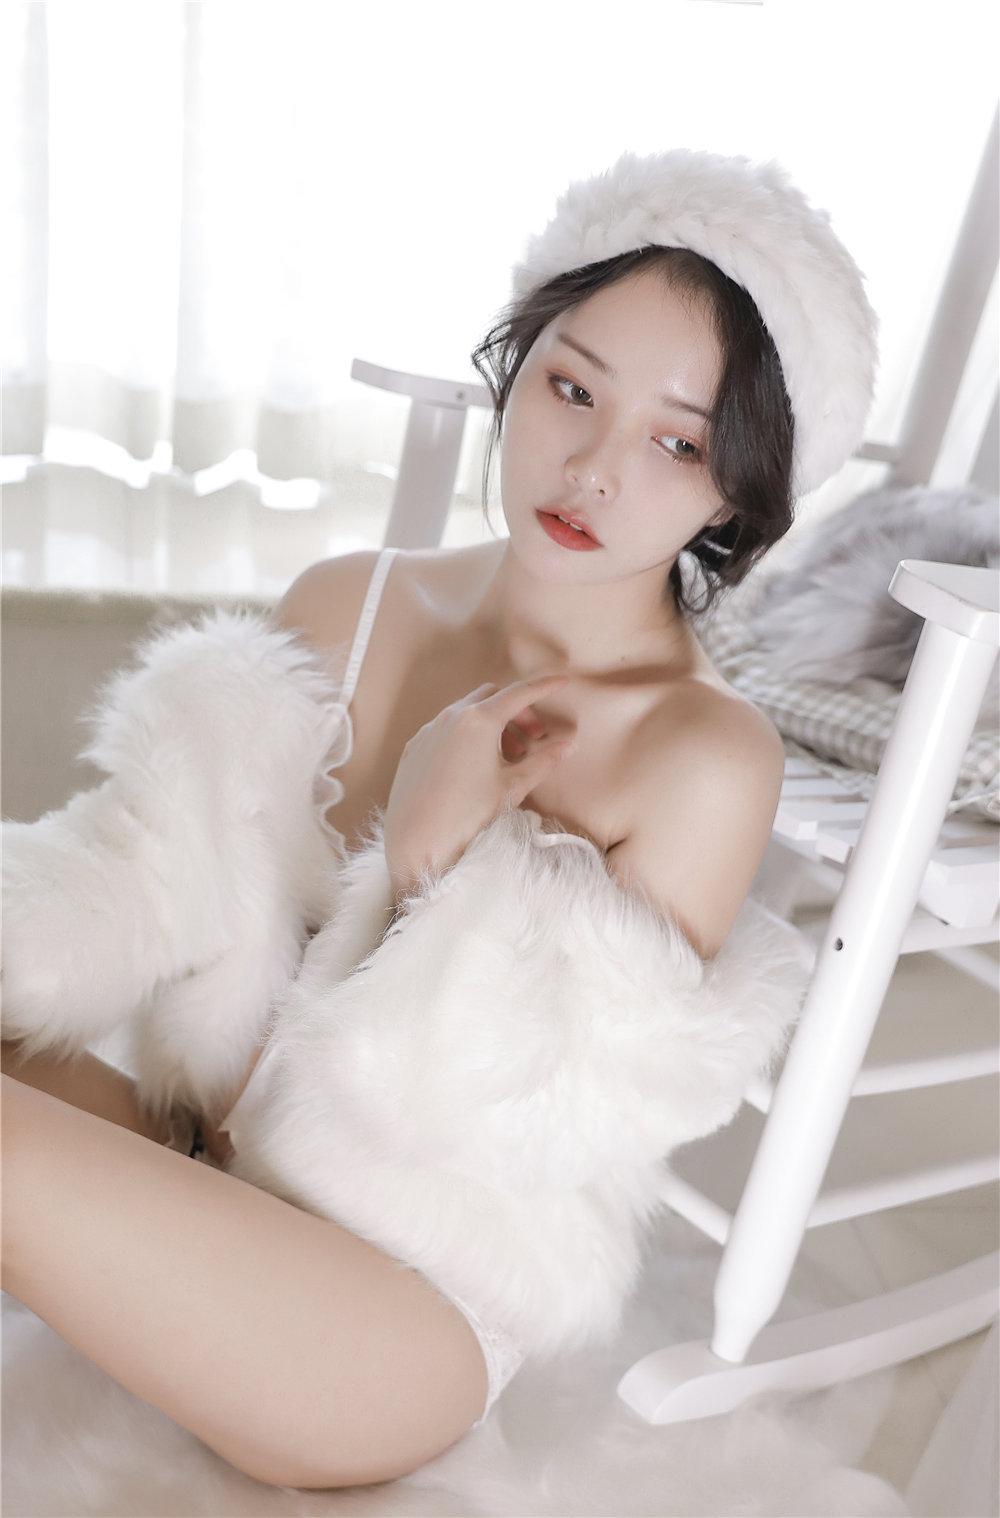 苏嫣嫣阿姨 – 写真套图合集插图1